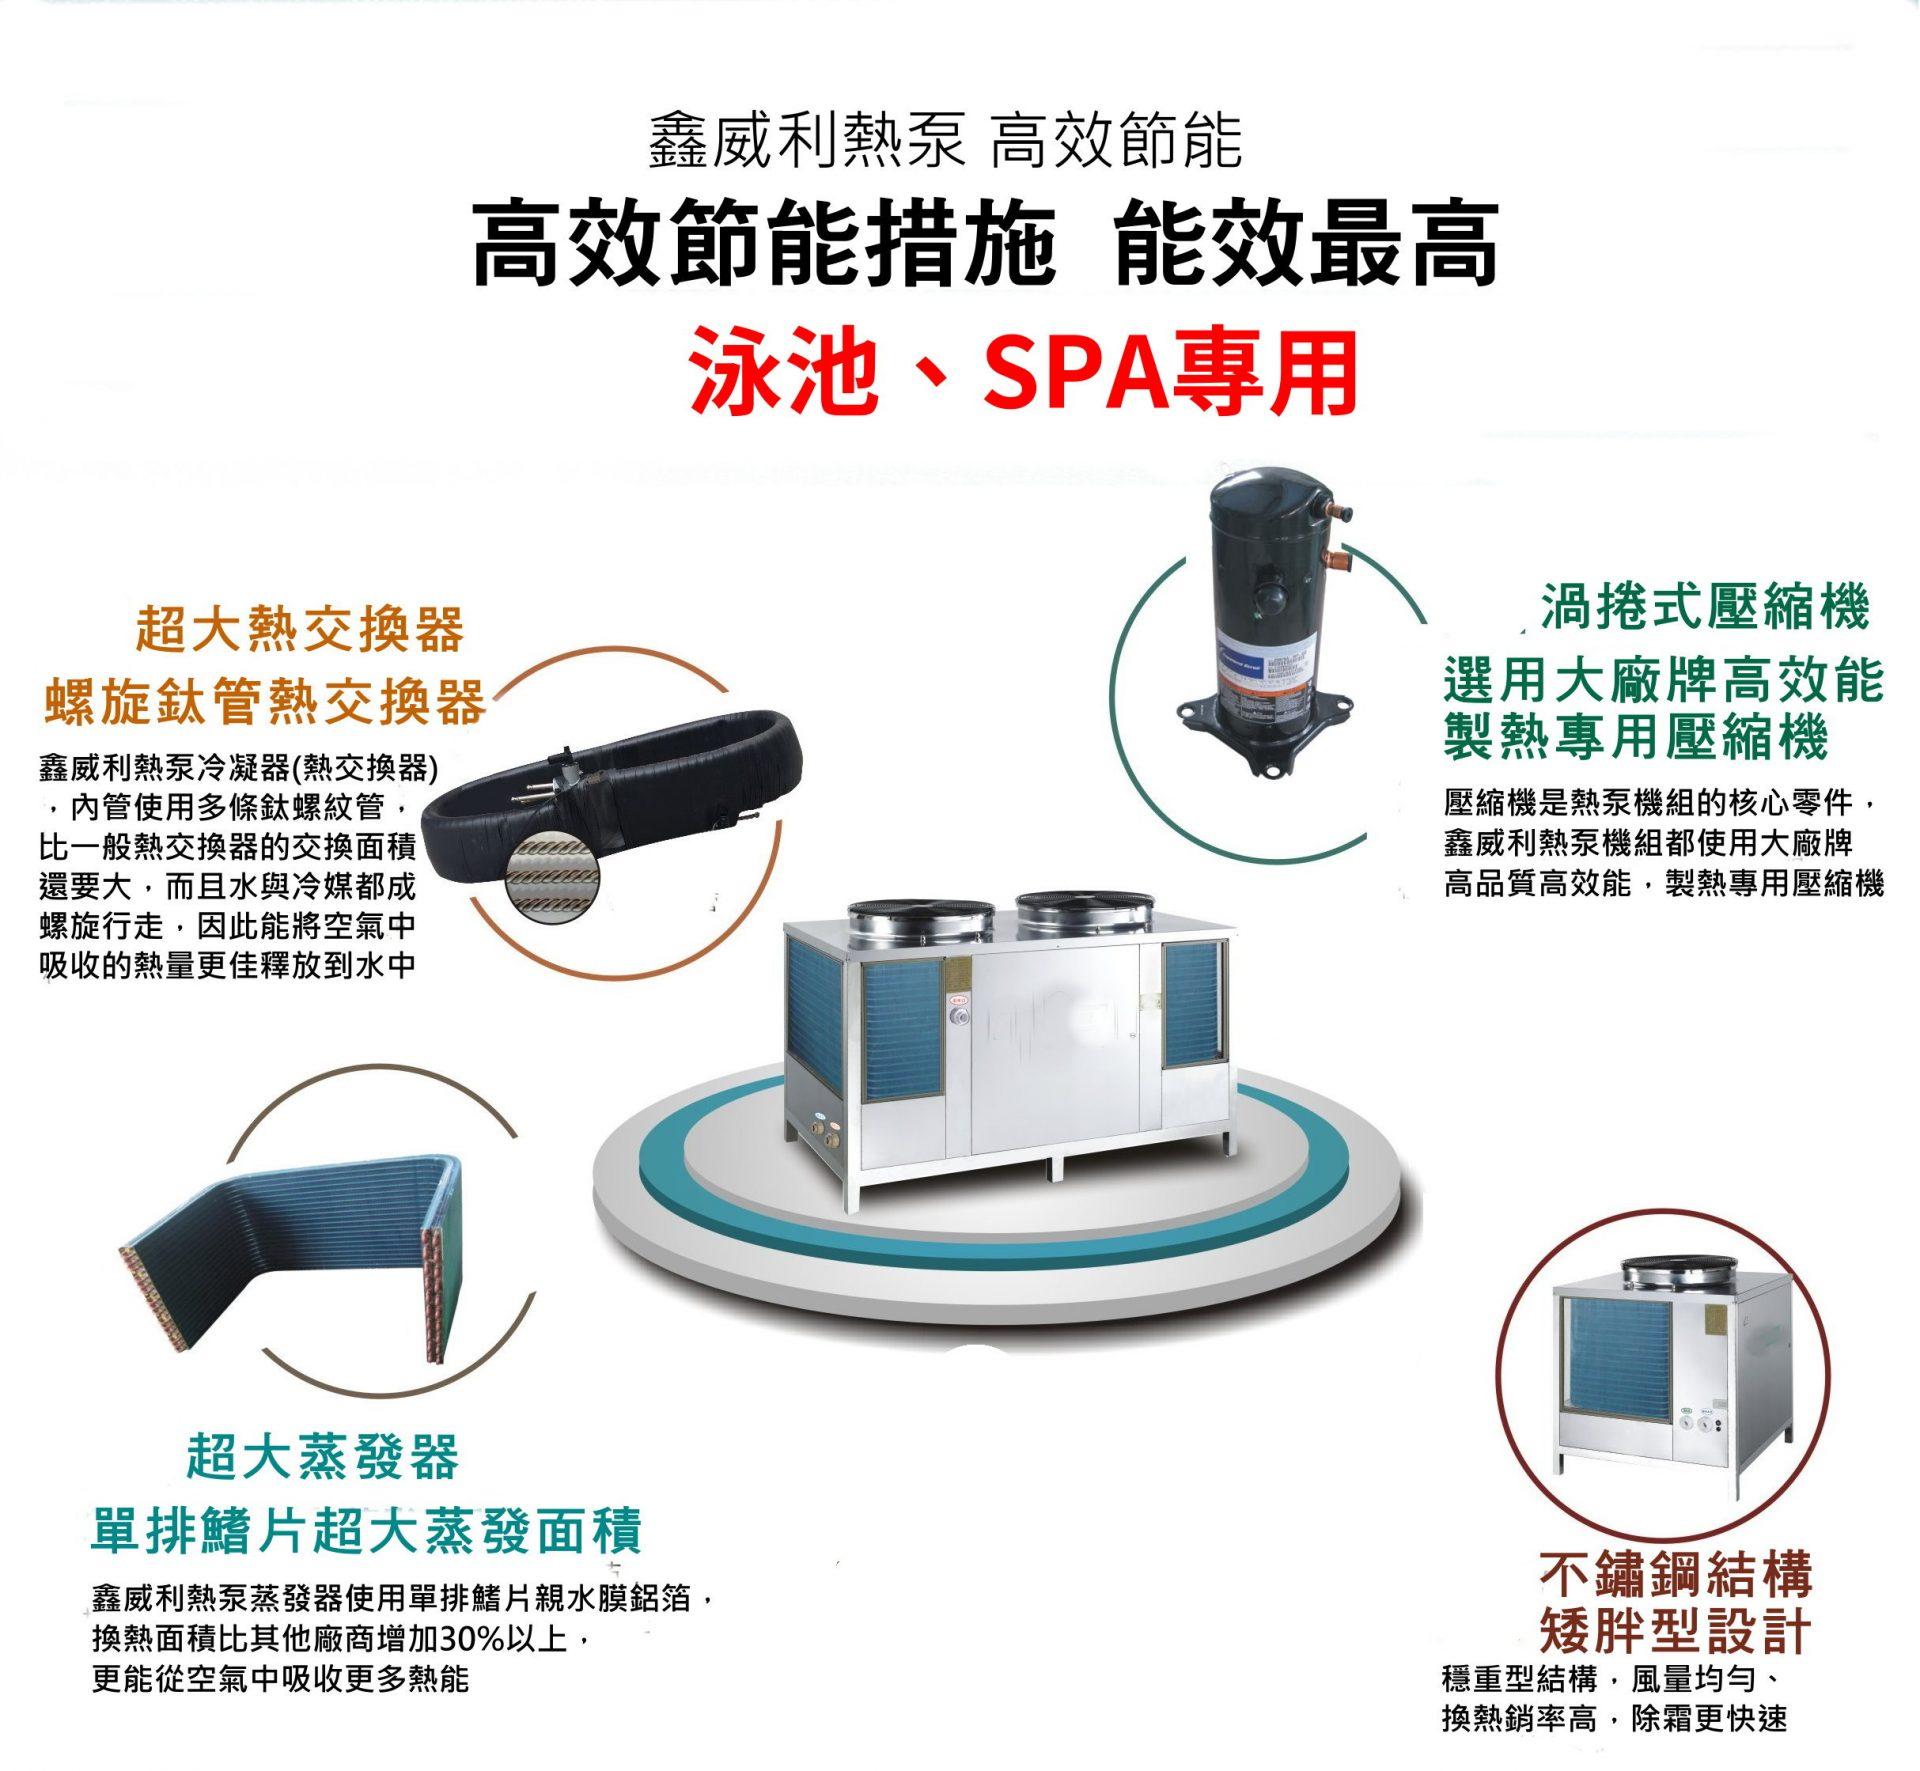 碧淶配件效能說明圖示-泳池循環機用